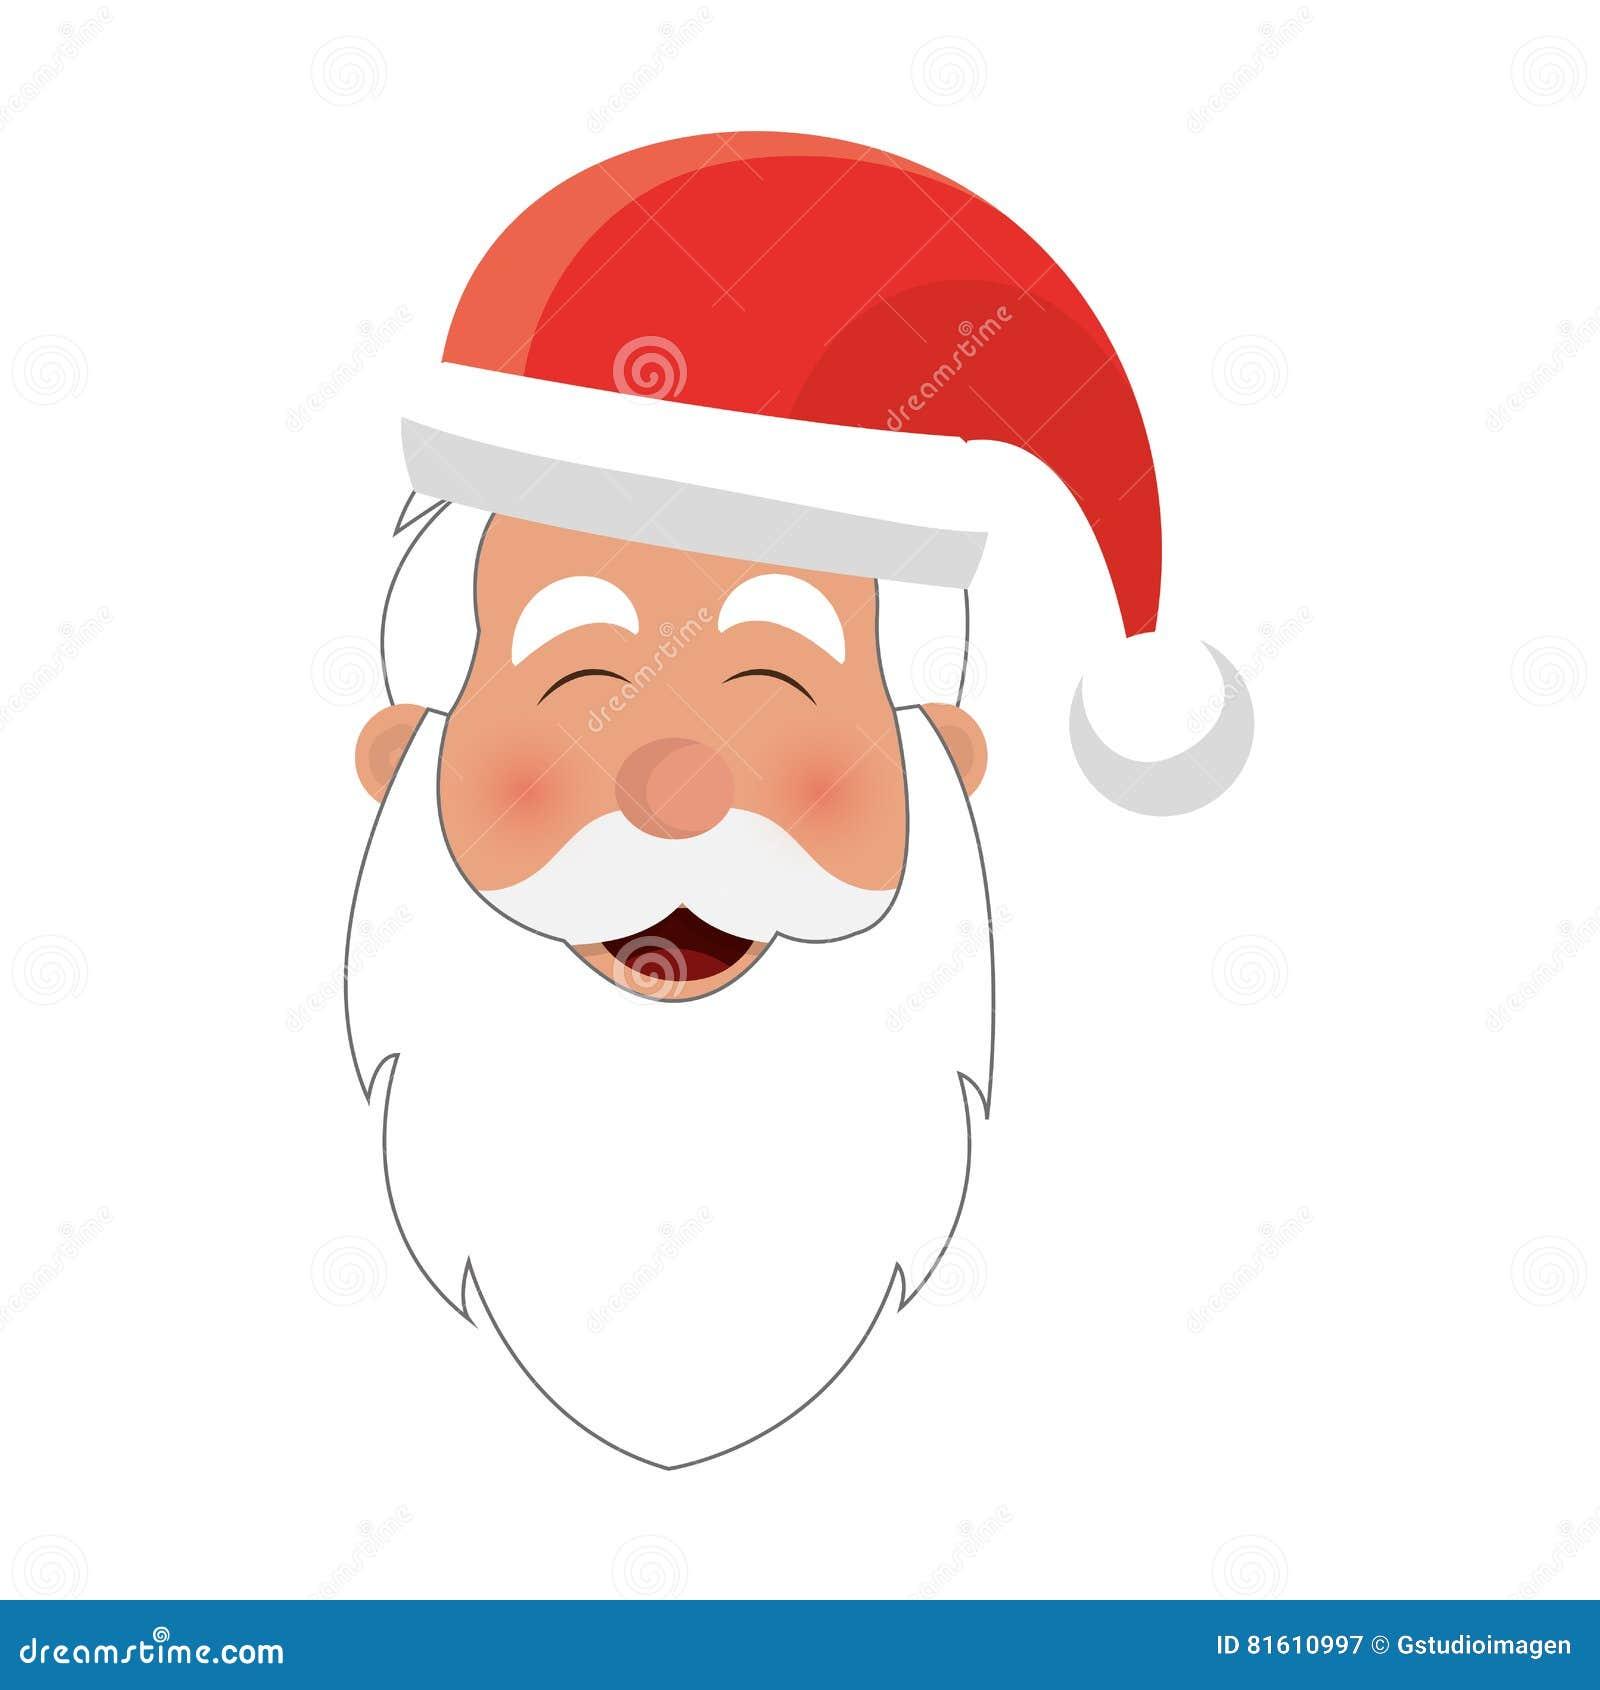 Disegni Di Natale Kawaii.Immagini Babbo Natale Kawaii Disegni Di Natale 2019